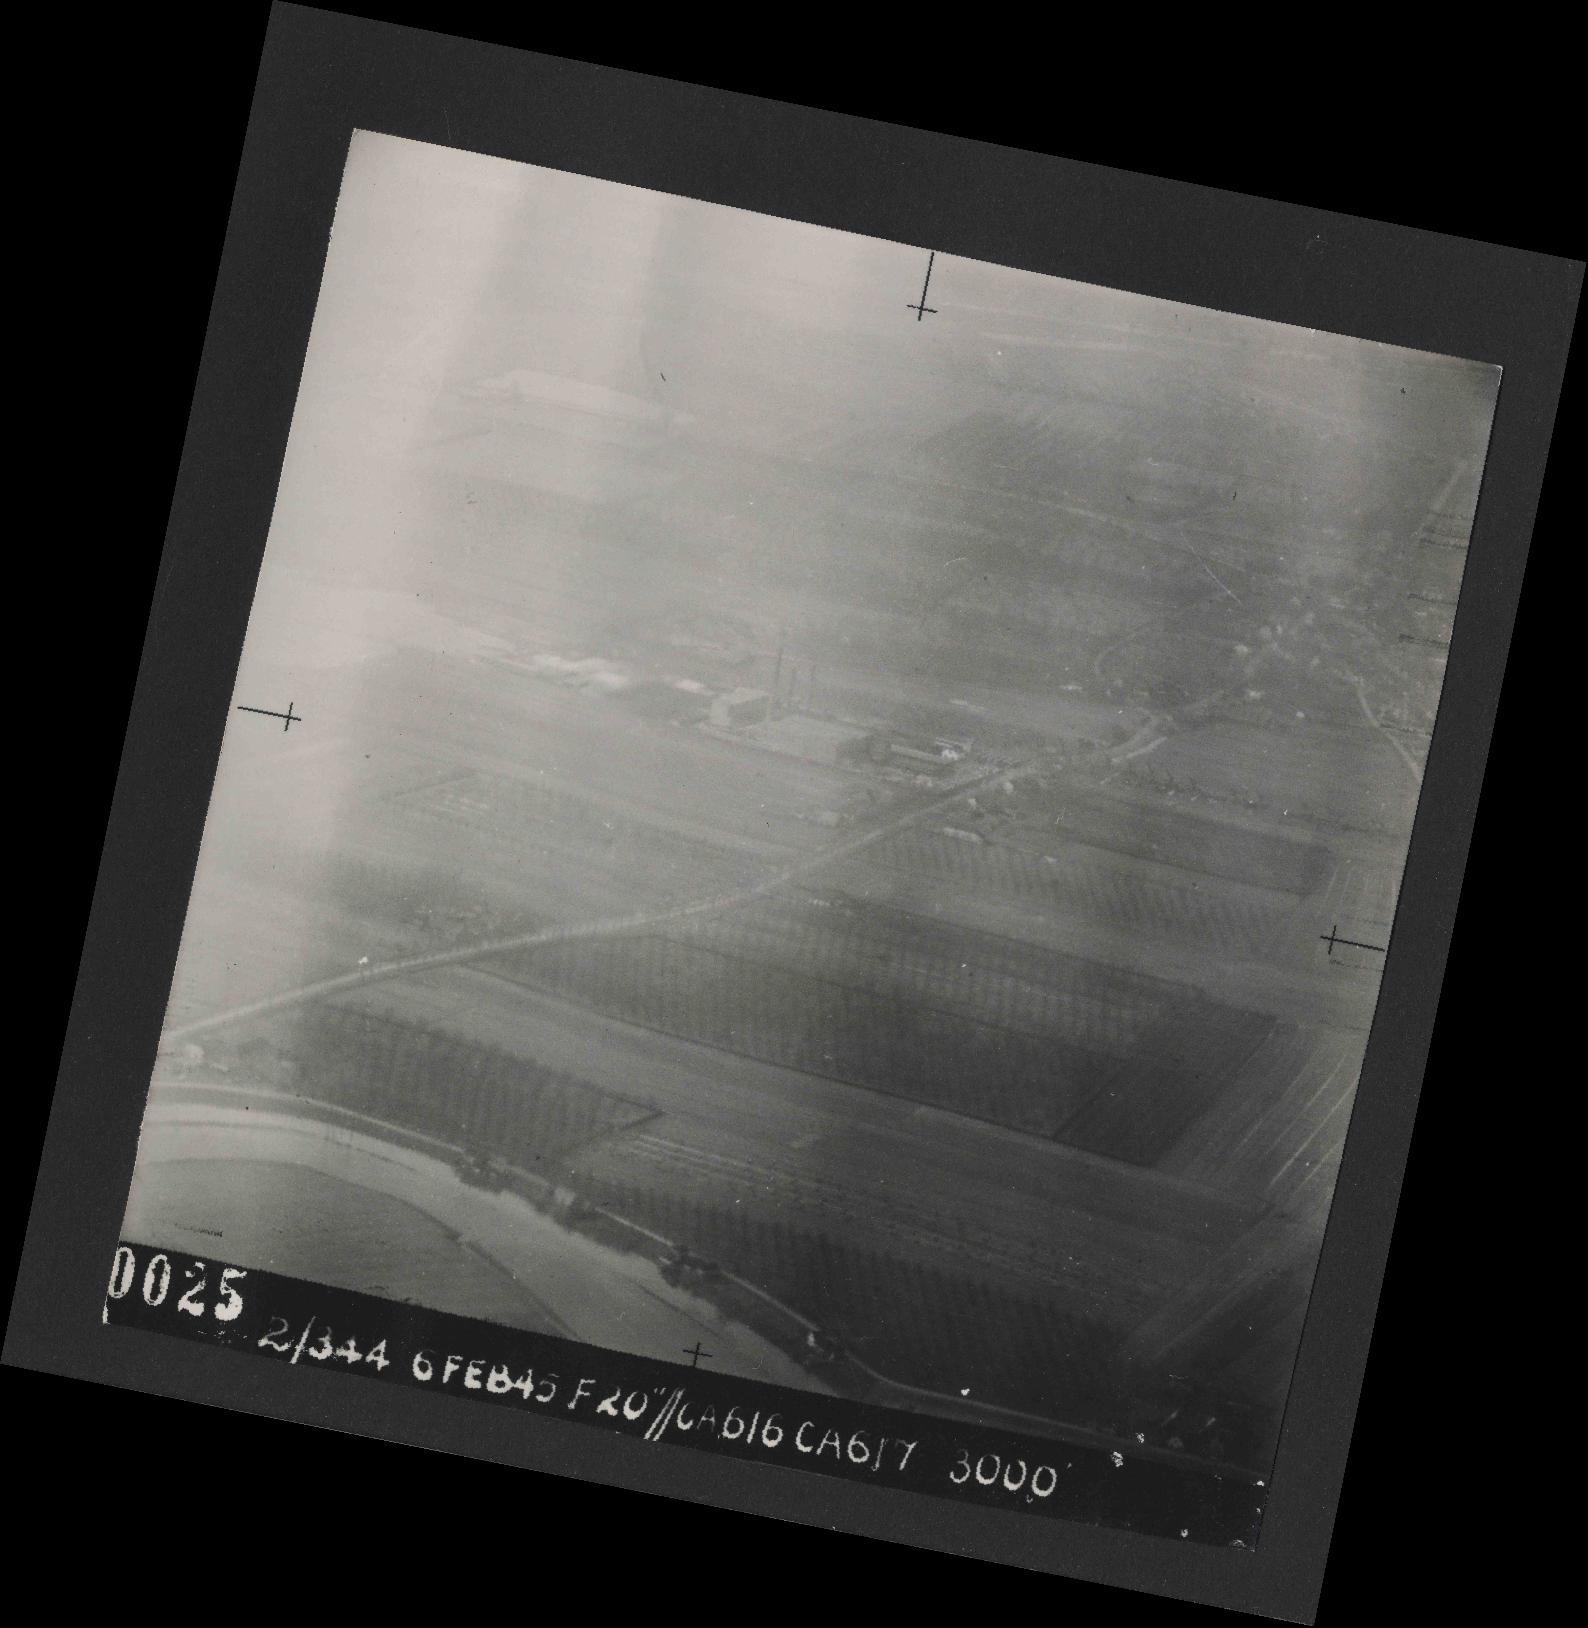 Collection RAF aerial photos 1940-1945 - flight 532, run 01, photo 0025